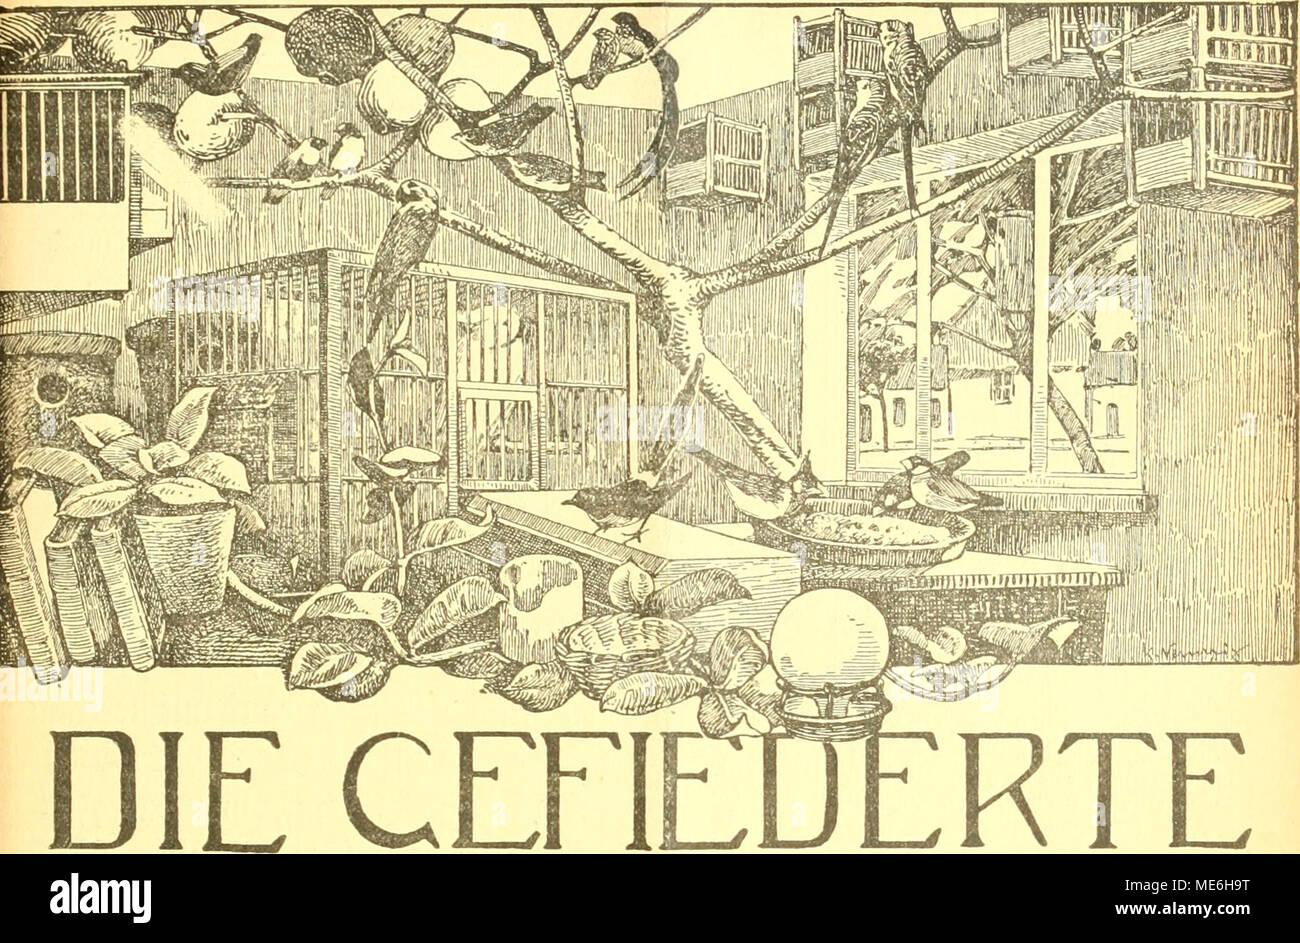 . Die Gefiederte welt . WELT Zeitschrift für .VOGELLIEBHABER. Begründet von Dr. Karl Ruß. Herausgegeben von Karl Neunzig in Hermsdorf bei Berlin. INHALT: Meine Zaunkönige. Von A. Martens, Oberpostassistent, Haspe (Westt.). (Fortsetzung.) Die Mohrenlerche - Alauda tatarica. Von Ingenieur W. kracht. Schattenseiten der Vogelptlege. Plauderei von |. Birk, Lipsia. (Fortsetzung.) Rohrsänger in der Umgebung von Danzig. Von Lothar Qribkowski. Kleine Mitteilungen. - Vogelschutz. - Sprechsaal. - Aus den Vereinen. - Redaktionsbrietkasten. Abonnementspreis vierteljährlich M. 2.60. (6 Nummern mit Abbildun Foto Stock